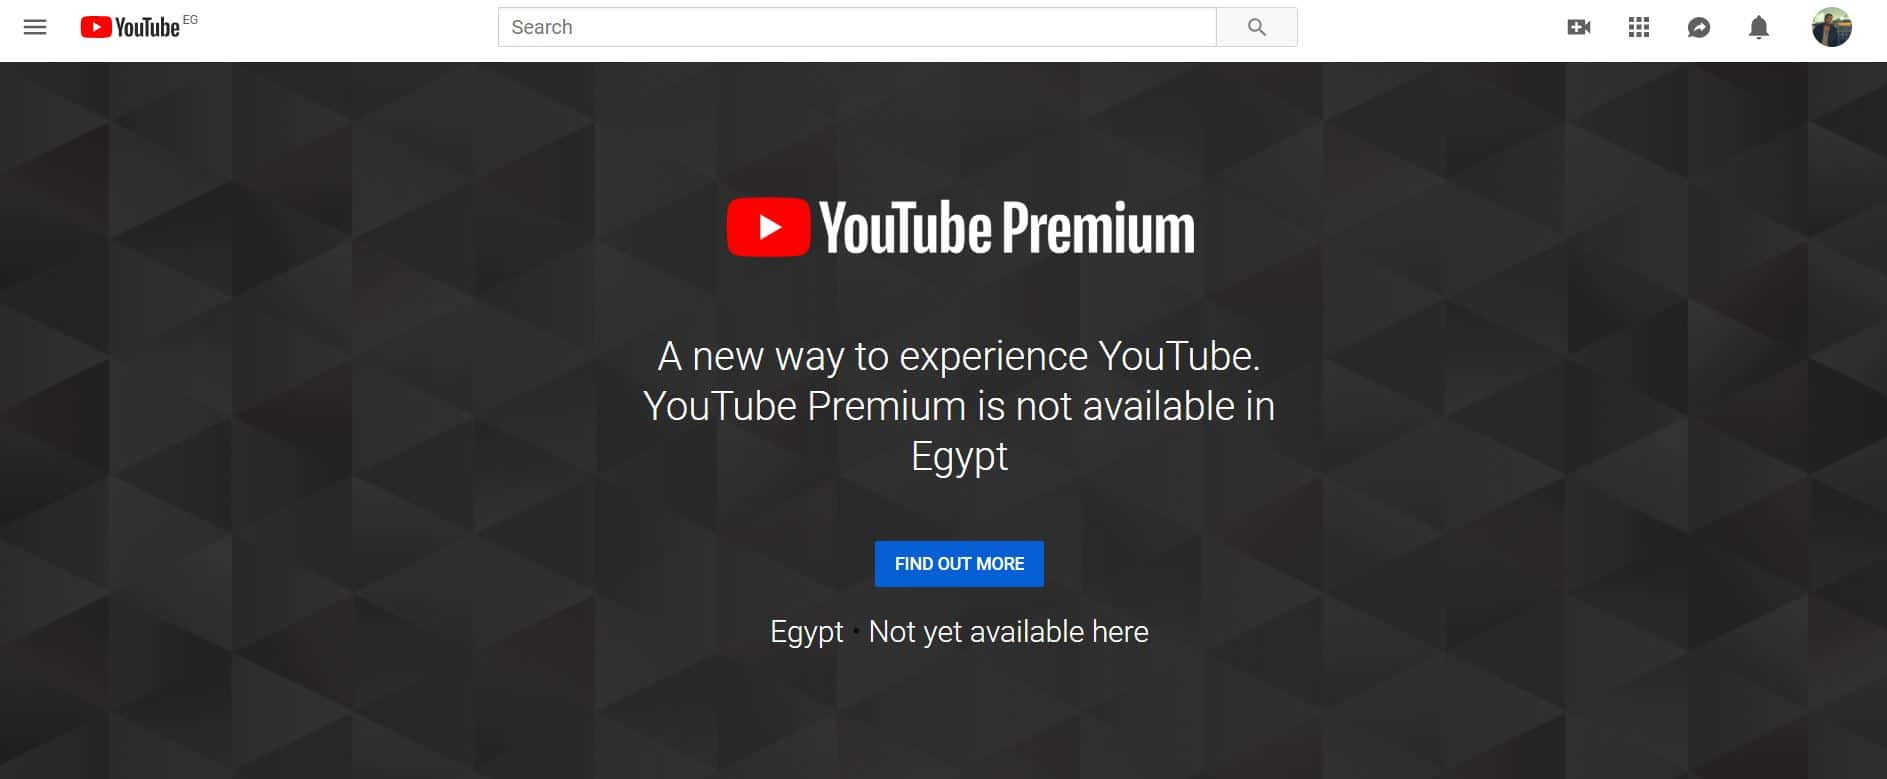 اسرار يوتيوب YouTube